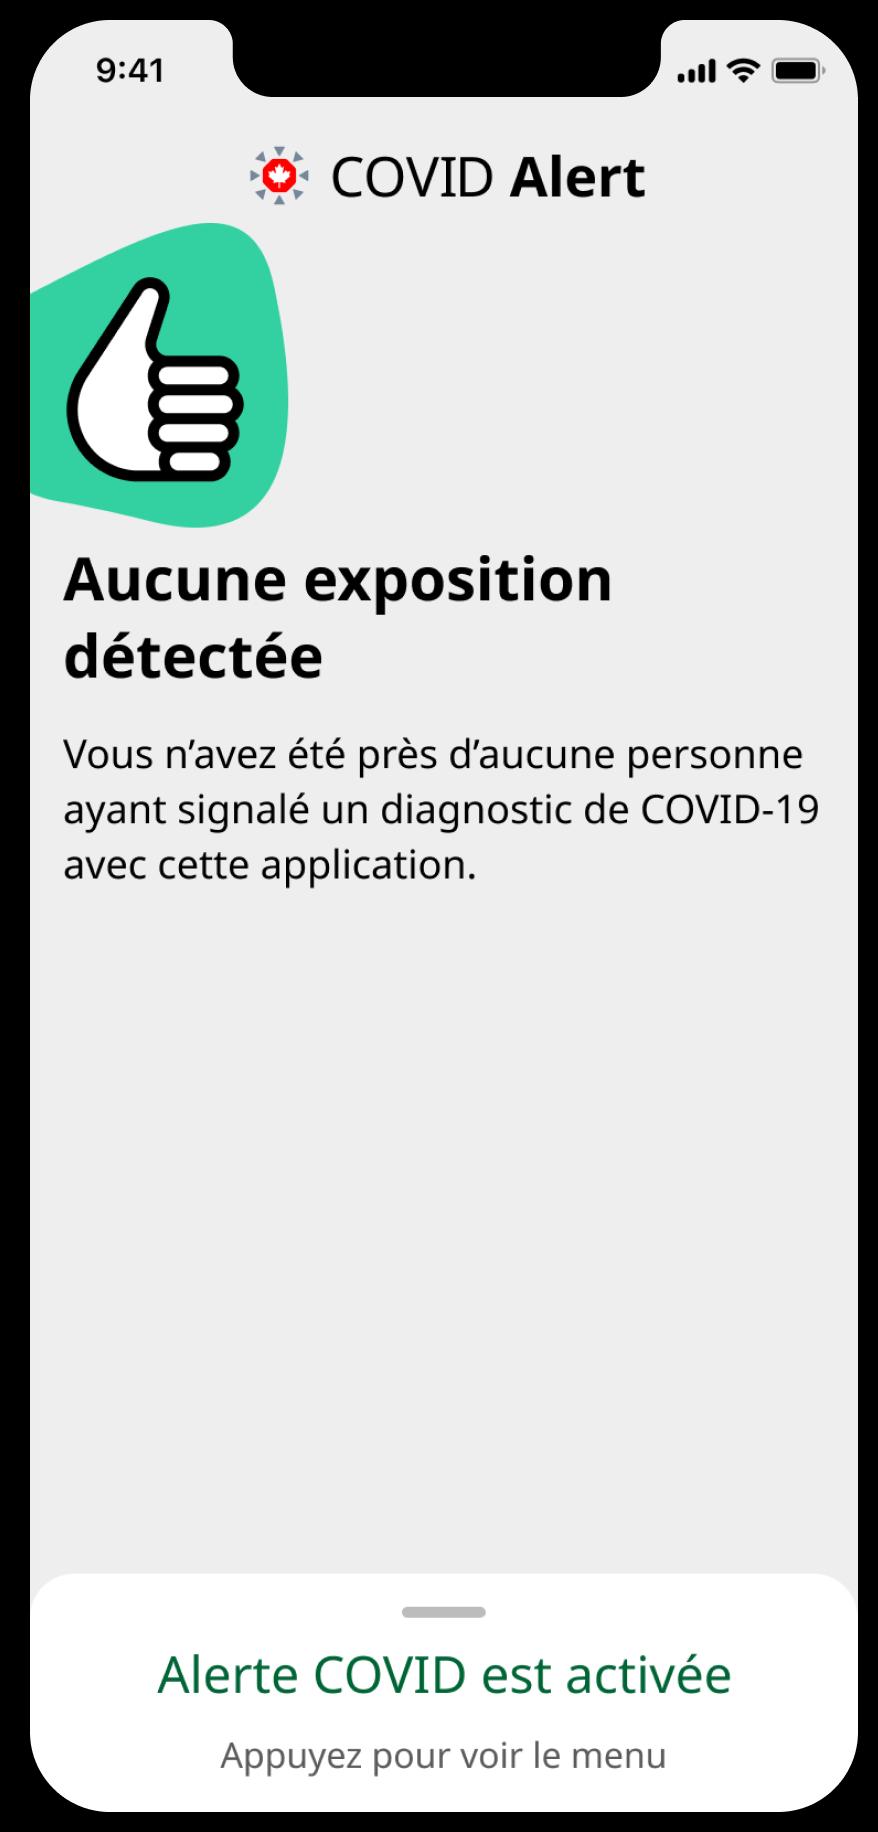 Saisie d'écran de l'application COVID Alerte dans un cadre d'appareil iPhone. Comprend l'illustration d'un « pouce en l'air » et le texte dit « Aucune exposition détectée. Vous n'avez été près d'aucune personne ayant signalé un diagnostic de COVID-19 avec cette application.»